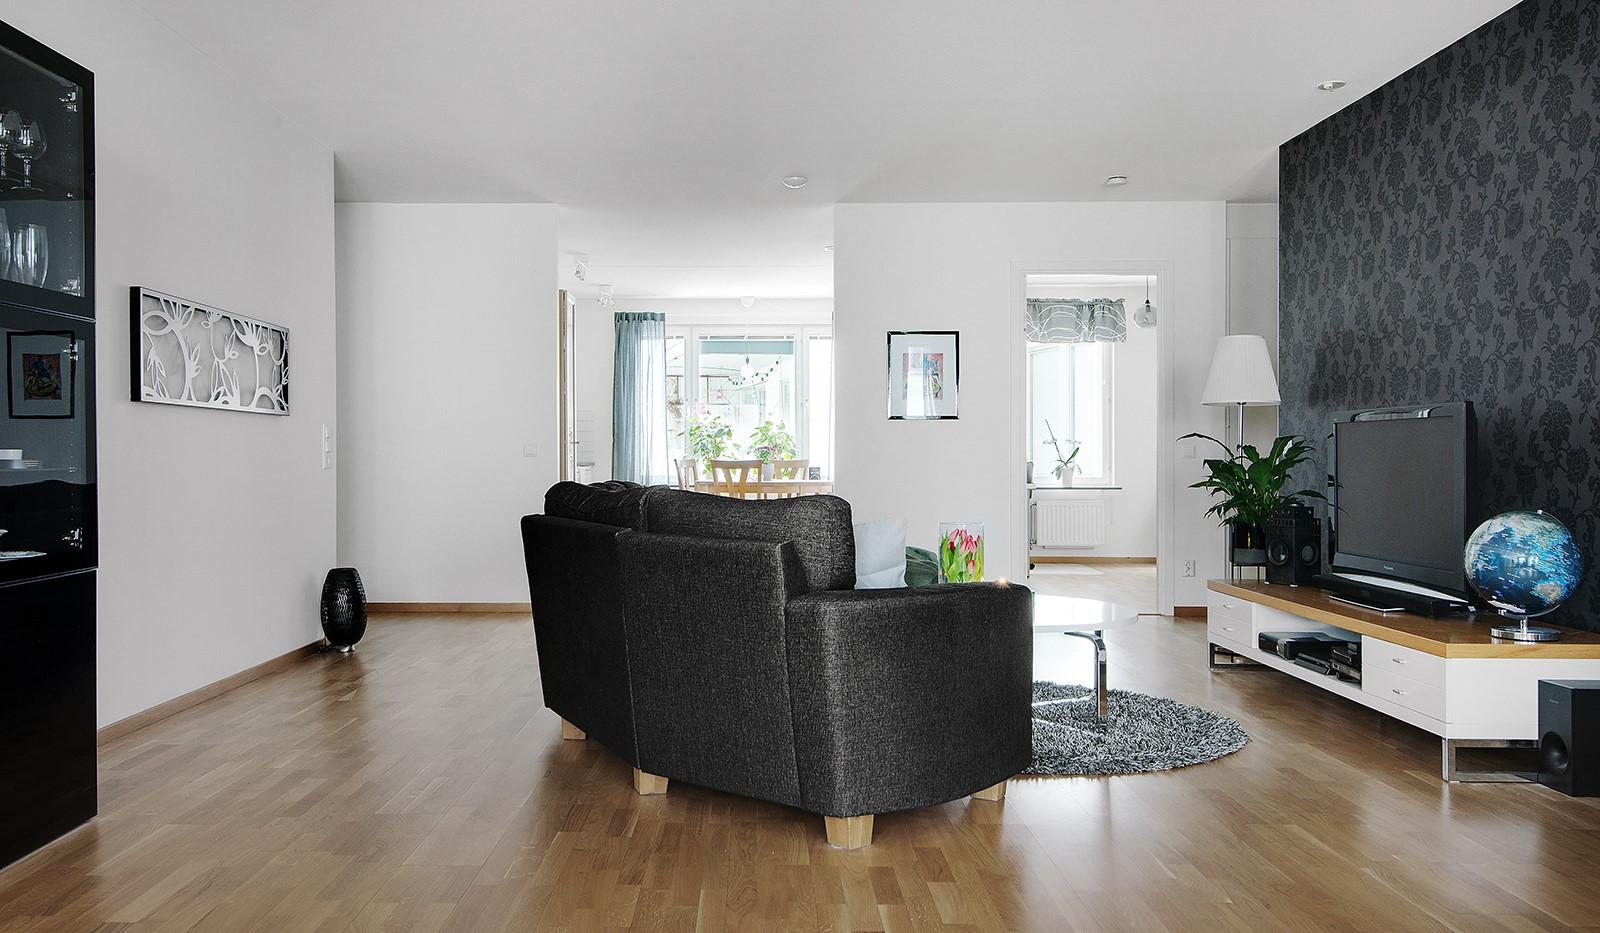 Grönbrinksgatan 6, 4tr - Kök och vardagsrum är precis lagom avdelat och i genomgående planlösning